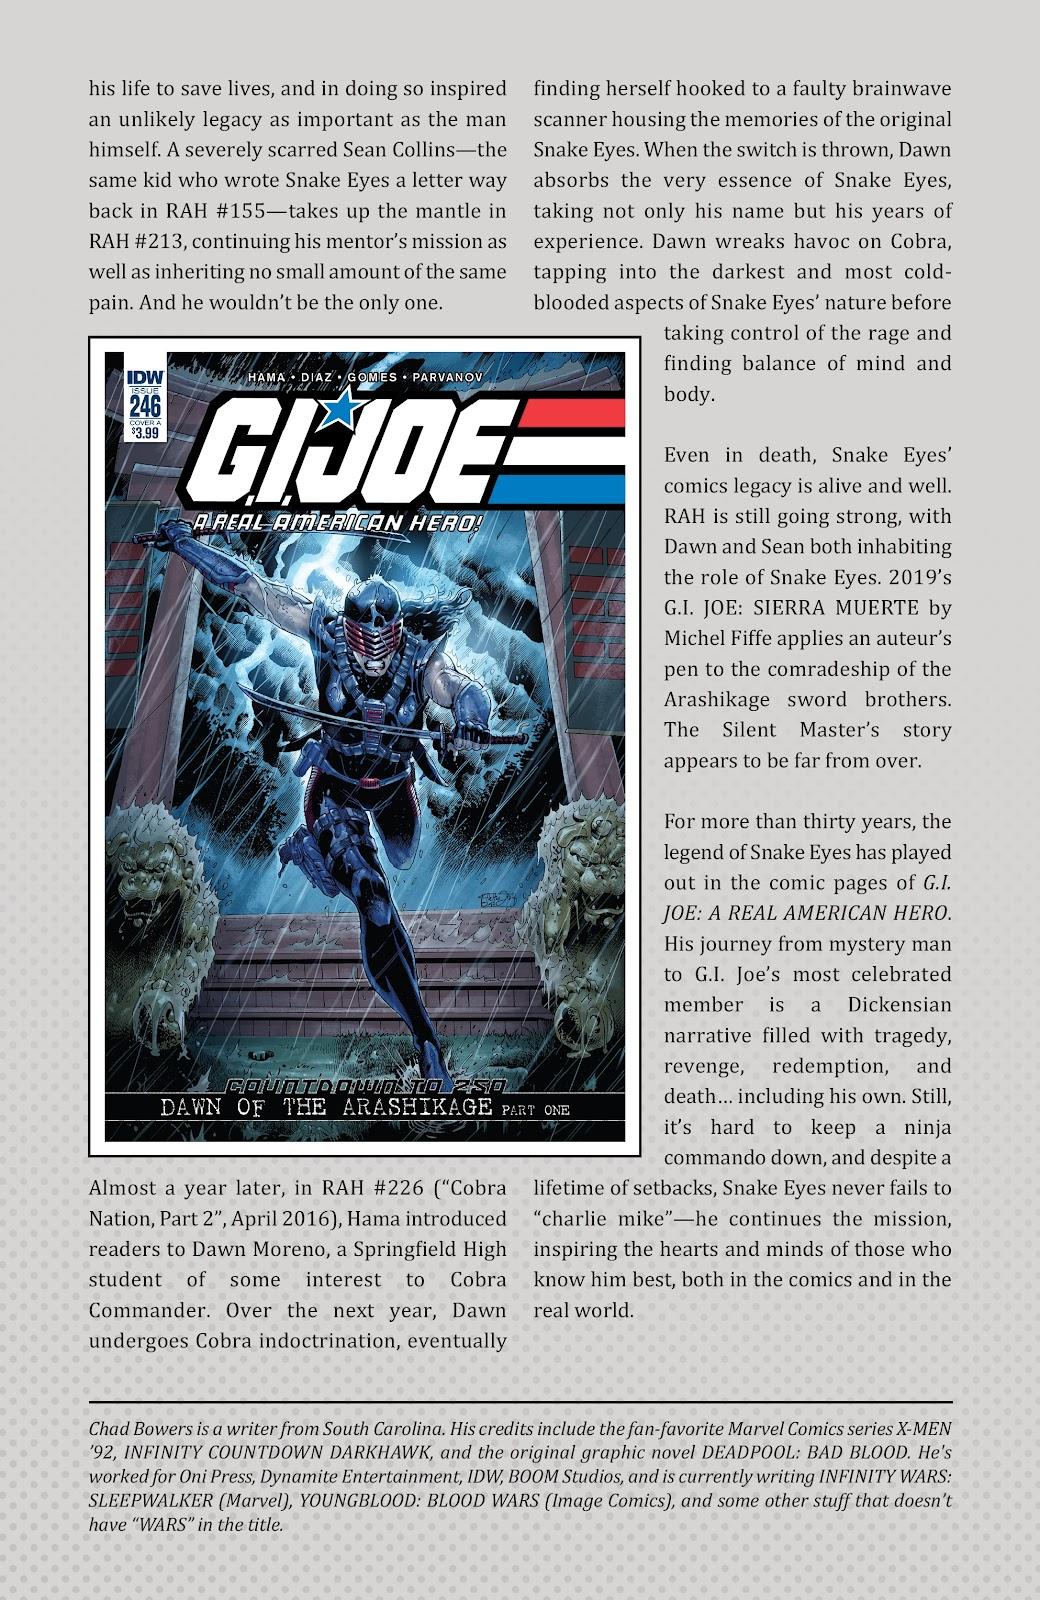 Read online G.I. Joe: Sierra Muerte comic -  Issue #2 - 33